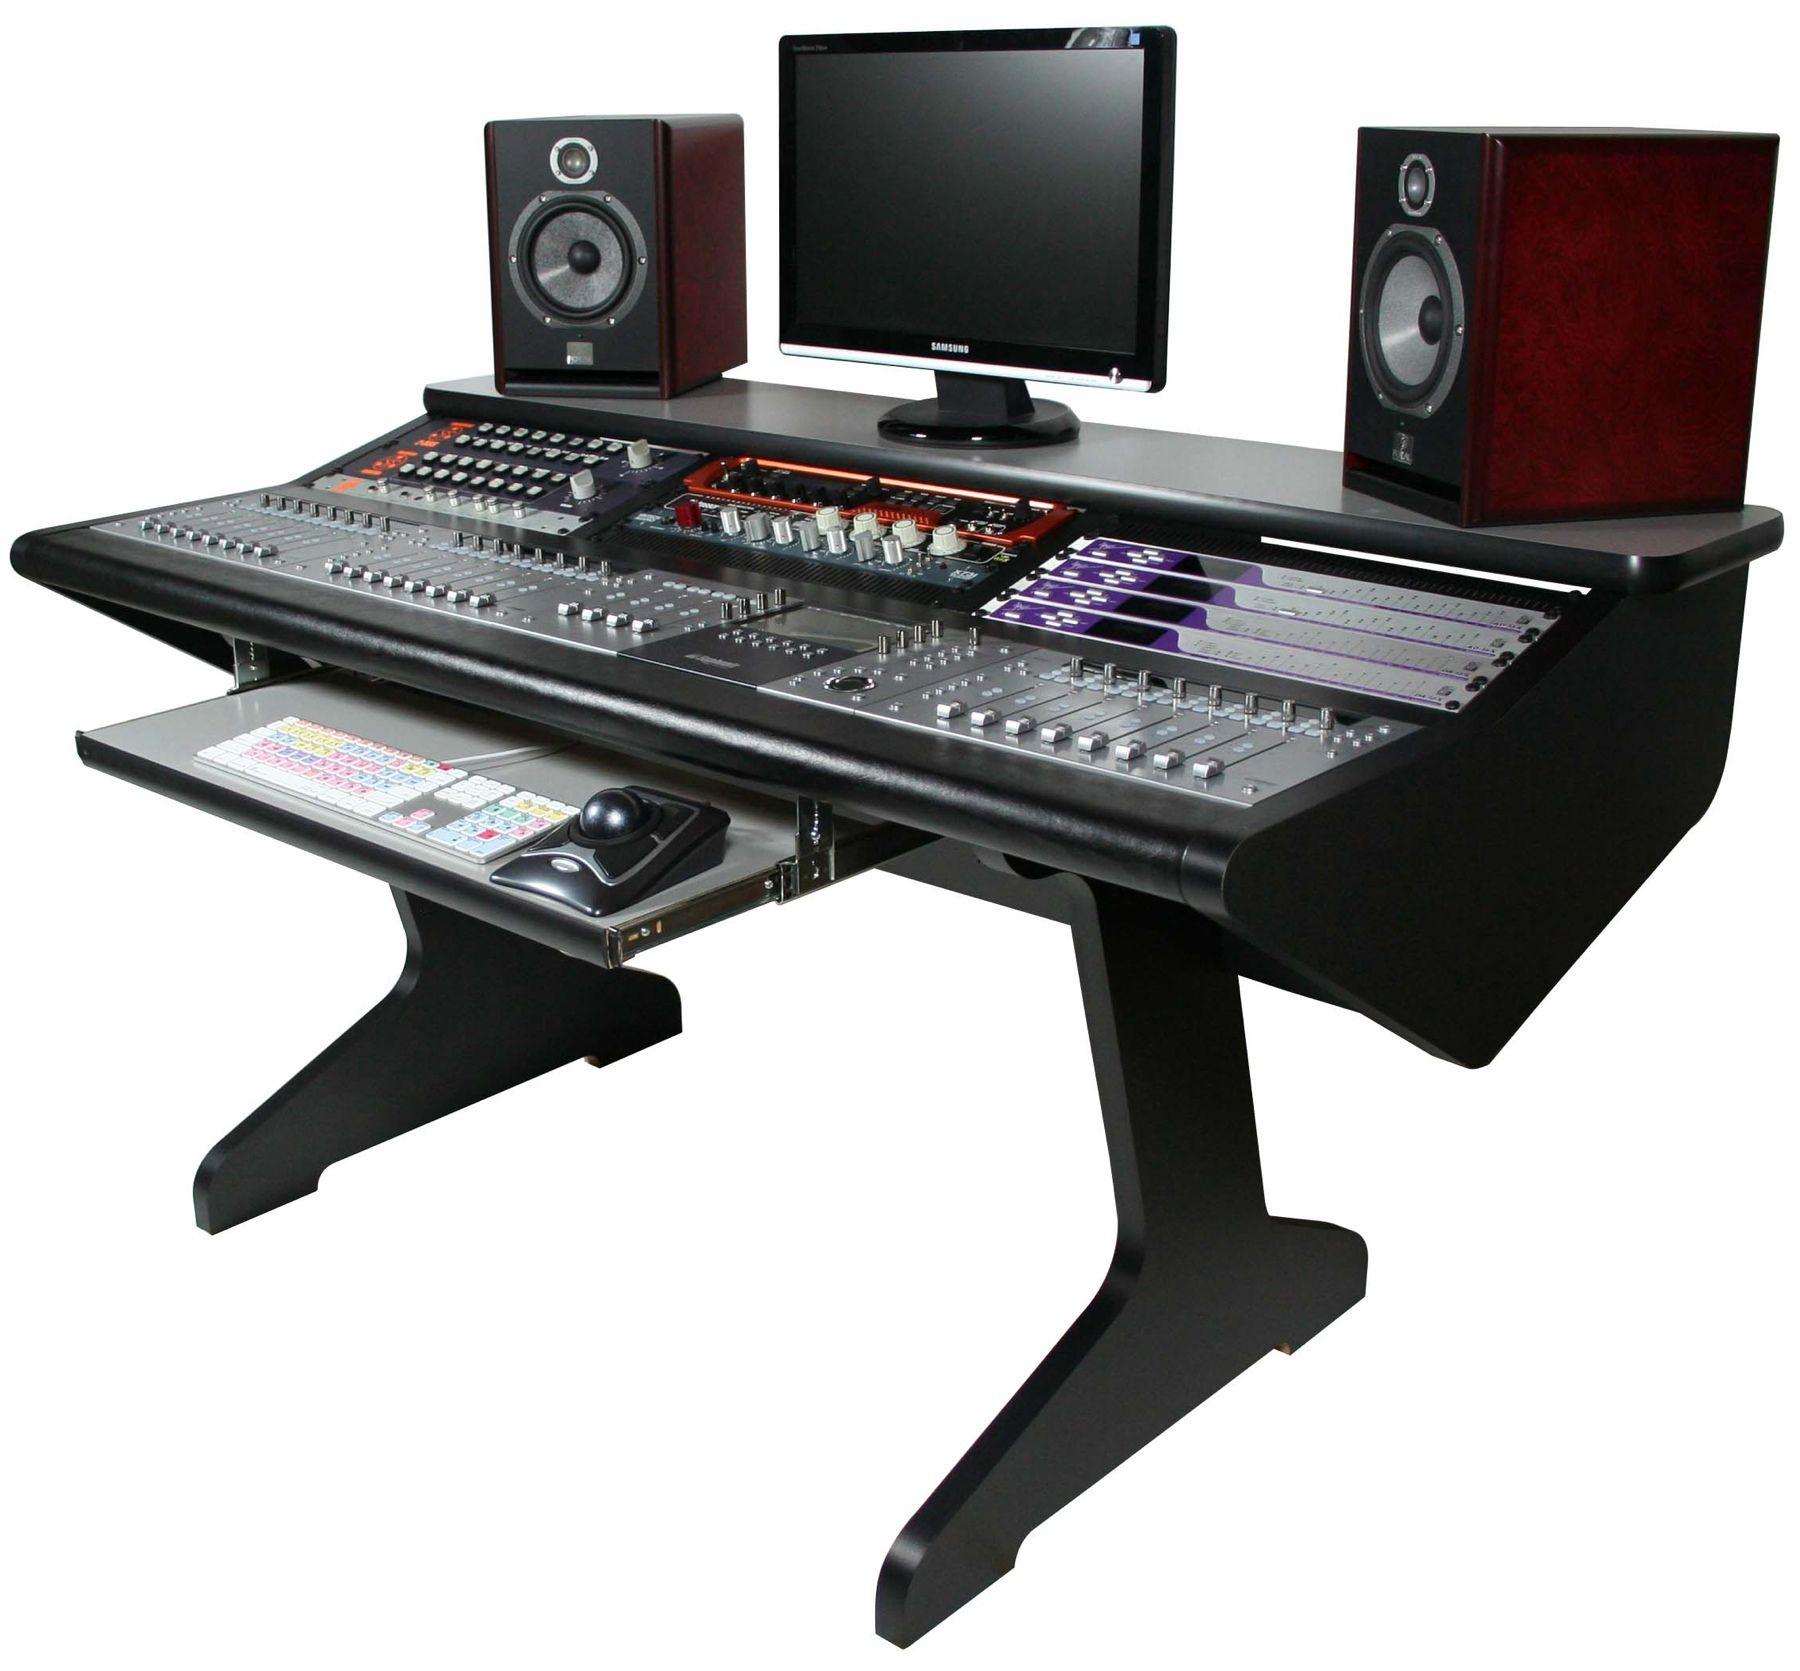 Mi vorrei questa scrivania perche ha un musica bordo che